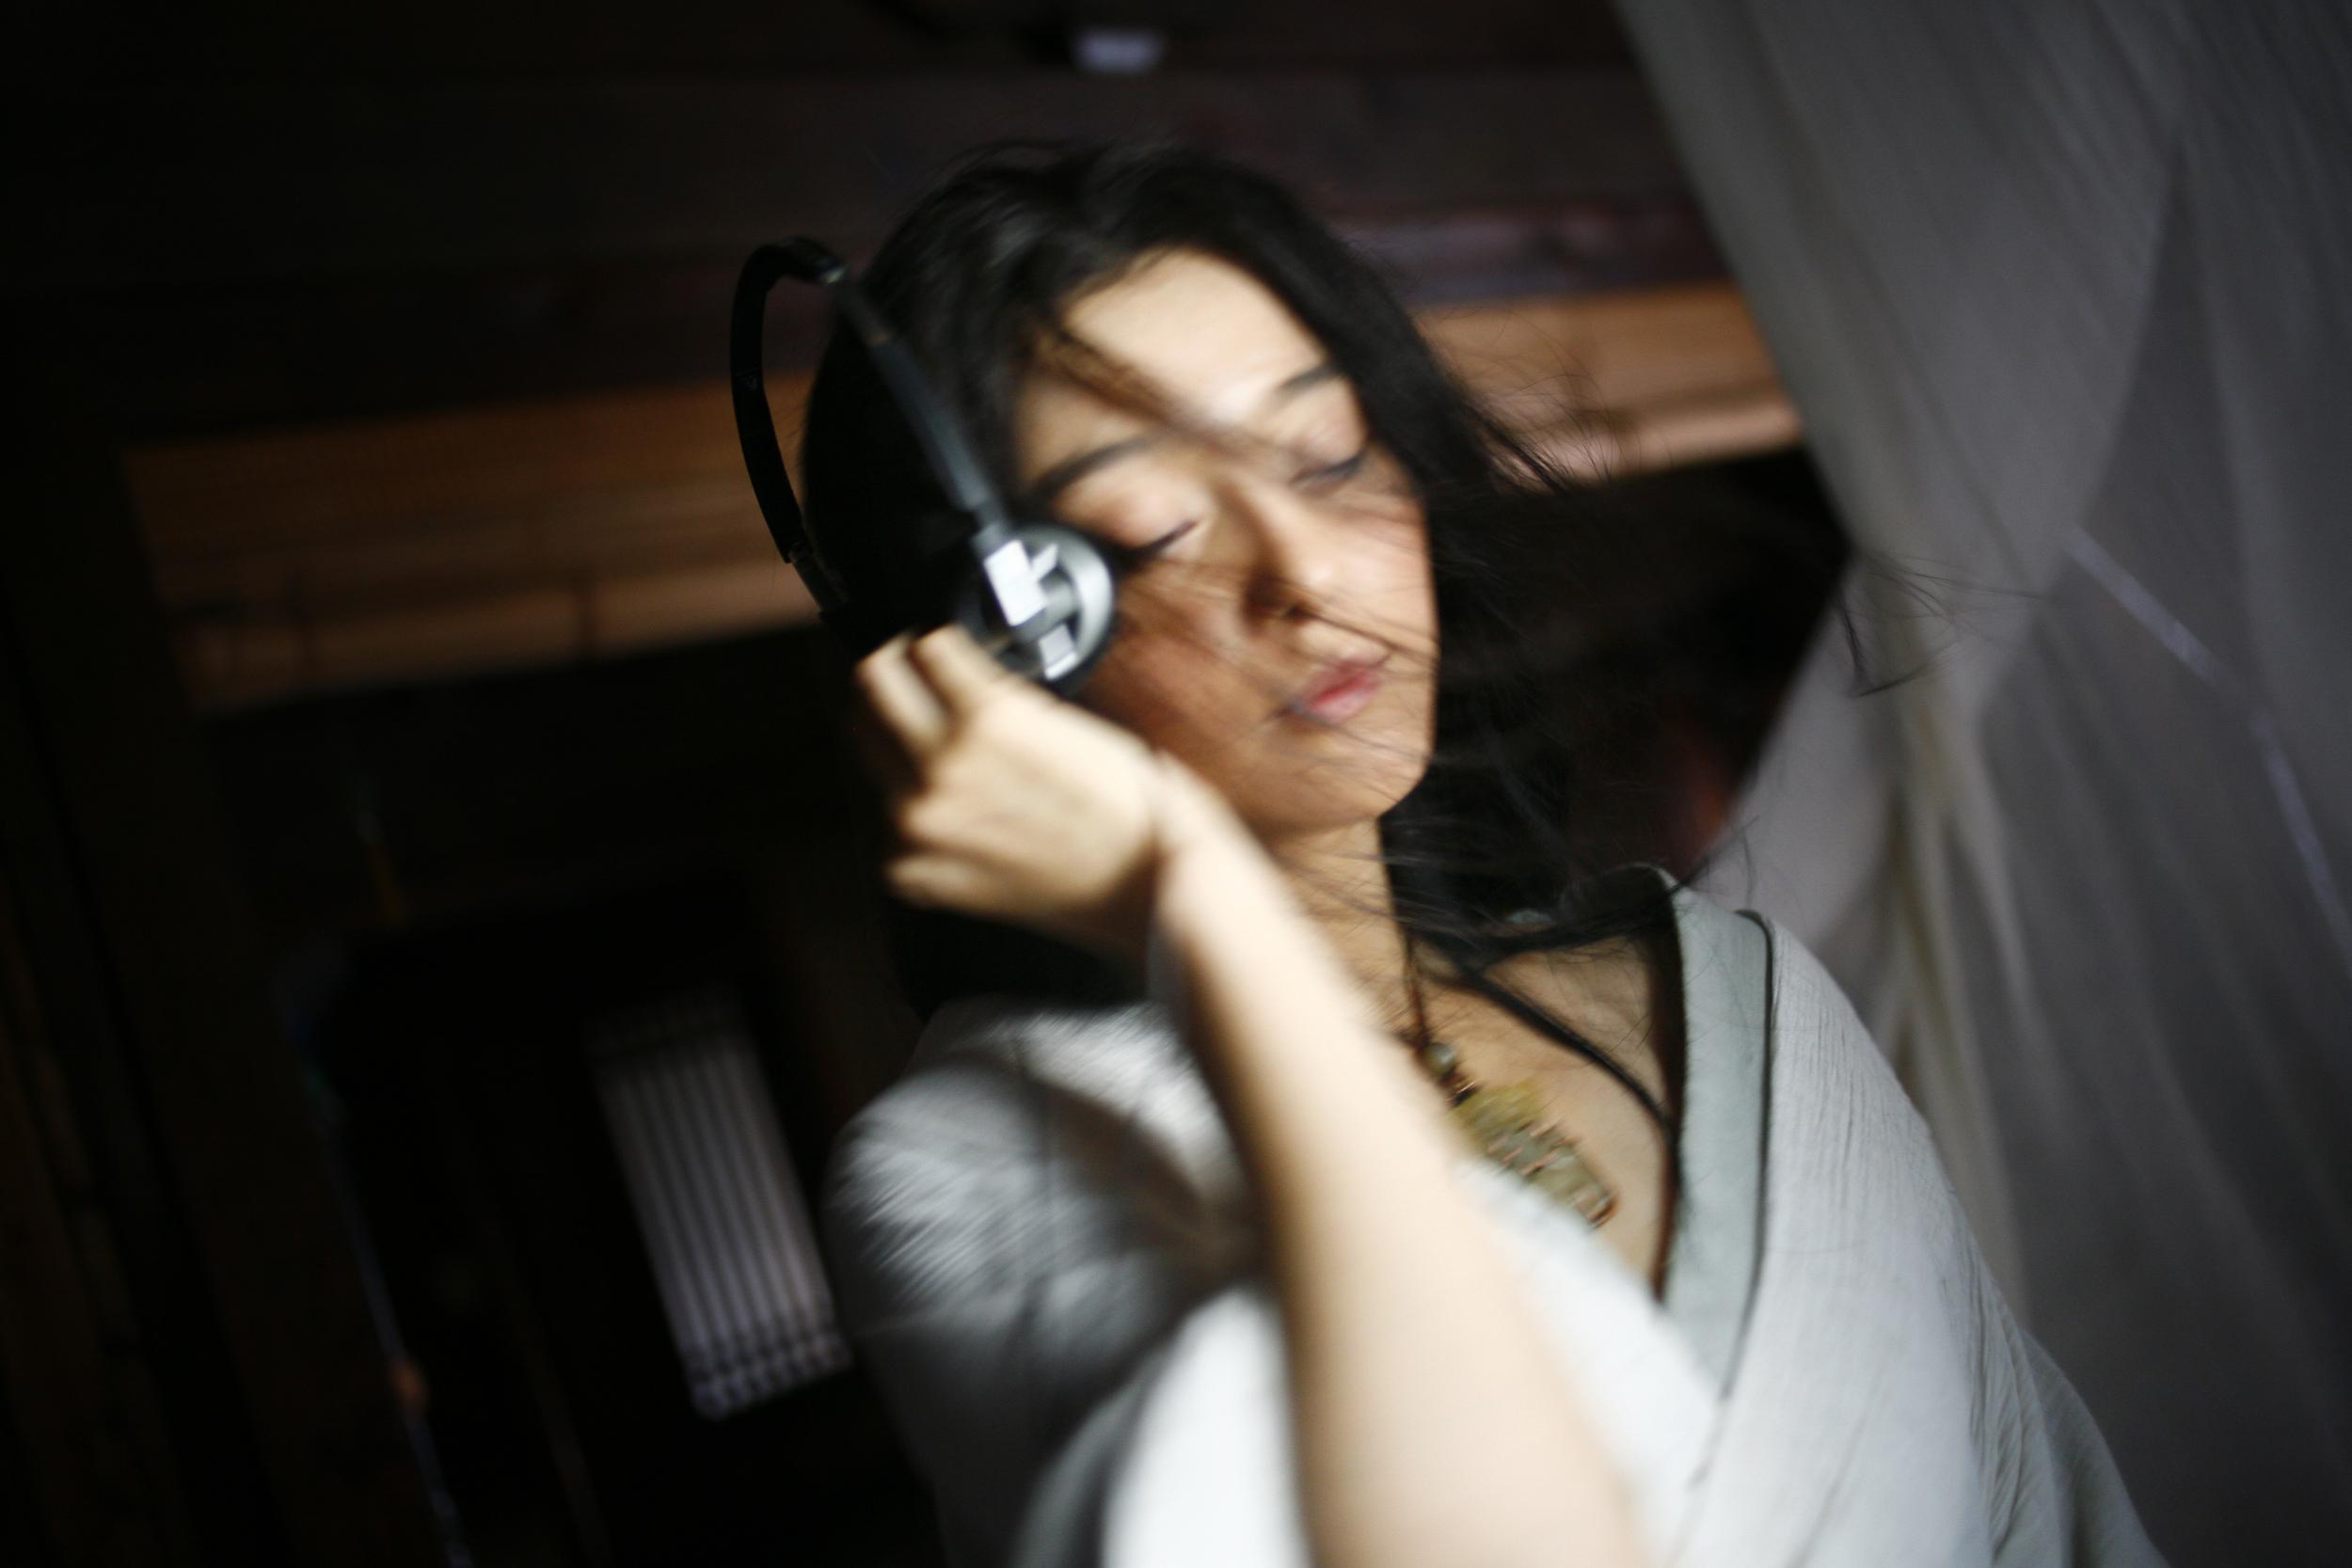 An actress during a shooting break.